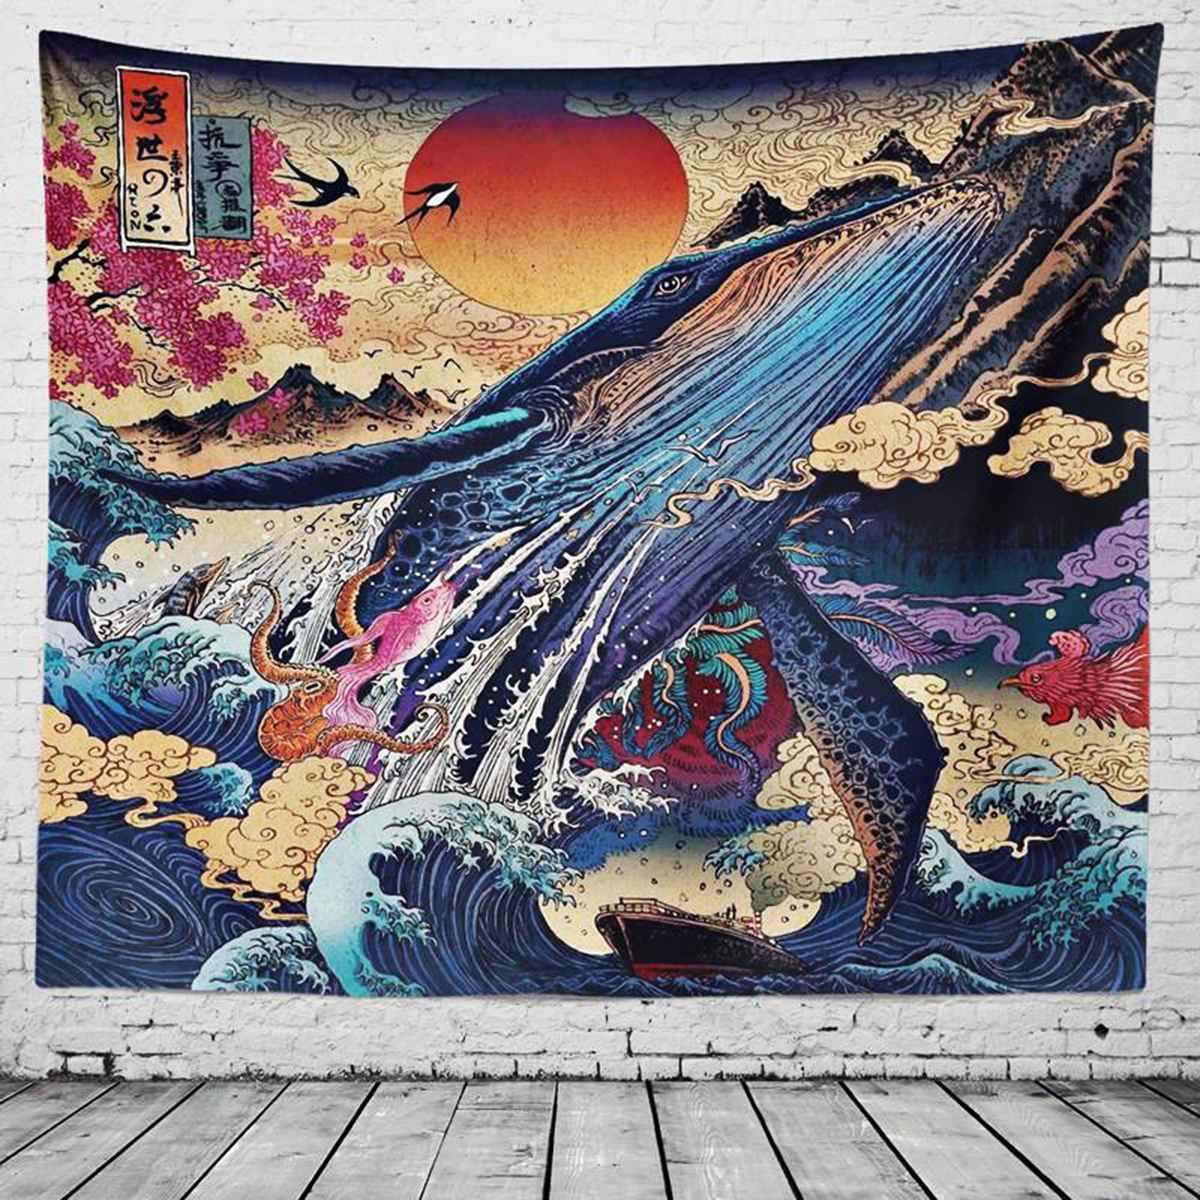 3 ขนาดญี่ปุ่นคลื่นพิมพ์แขวนปลาวาฬ Arowana กวางงู Totem แขวนผนัง Tapestries ผ้าคลุมเตียงผ้าห่ม